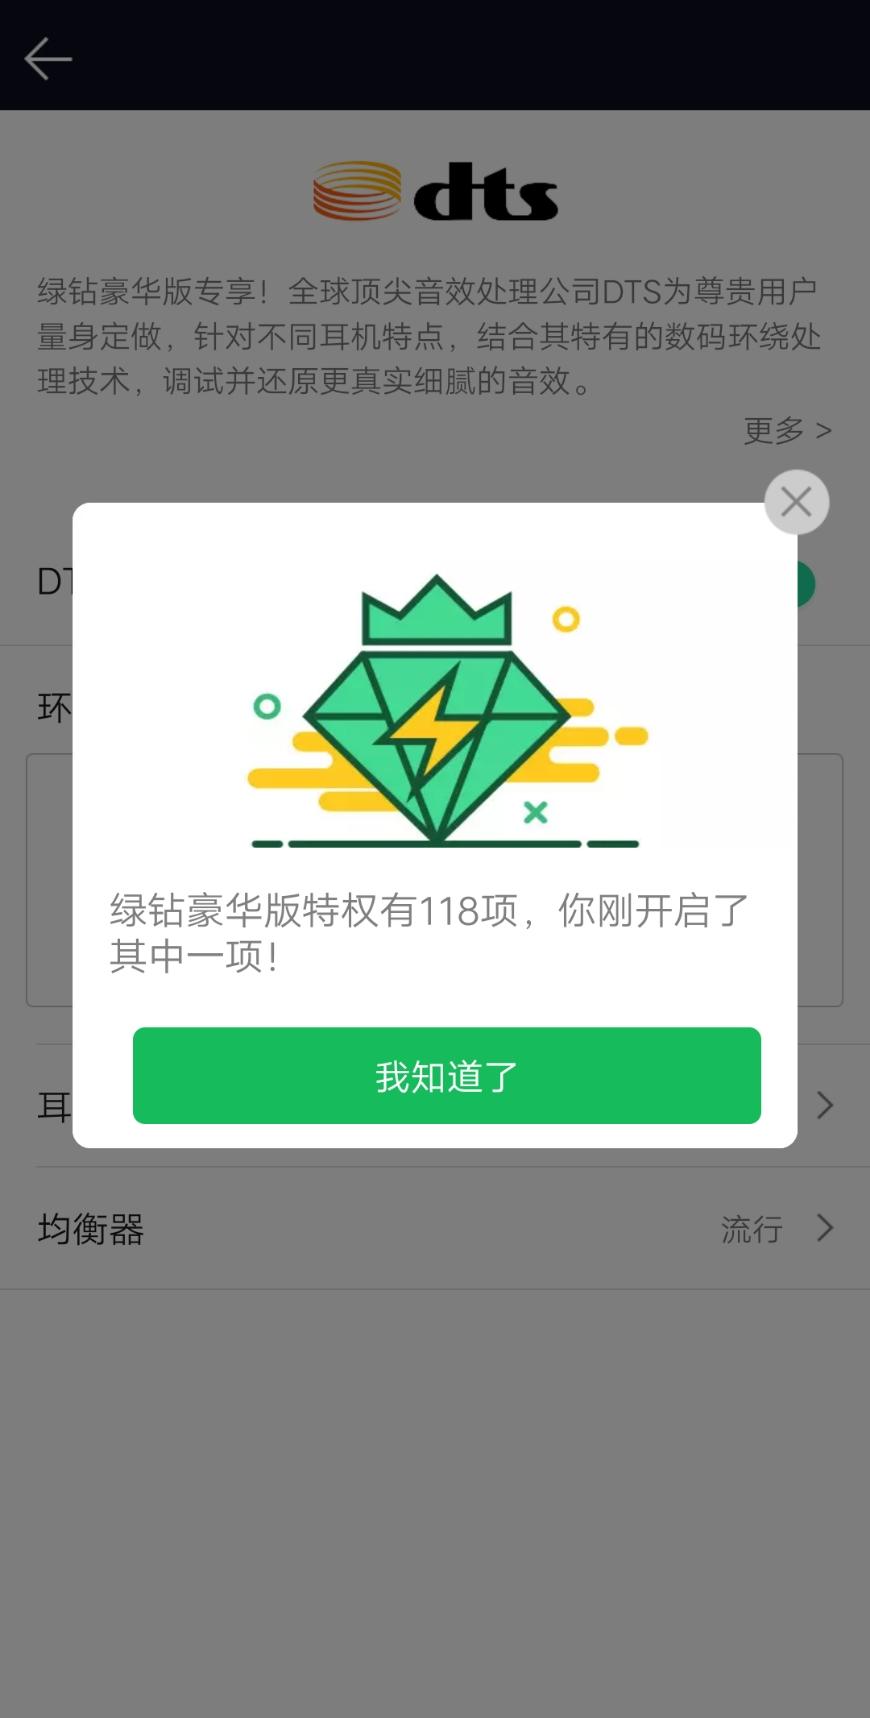 手机QQ音乐破解版#解锁DTS音效等特权‖v10.1.6